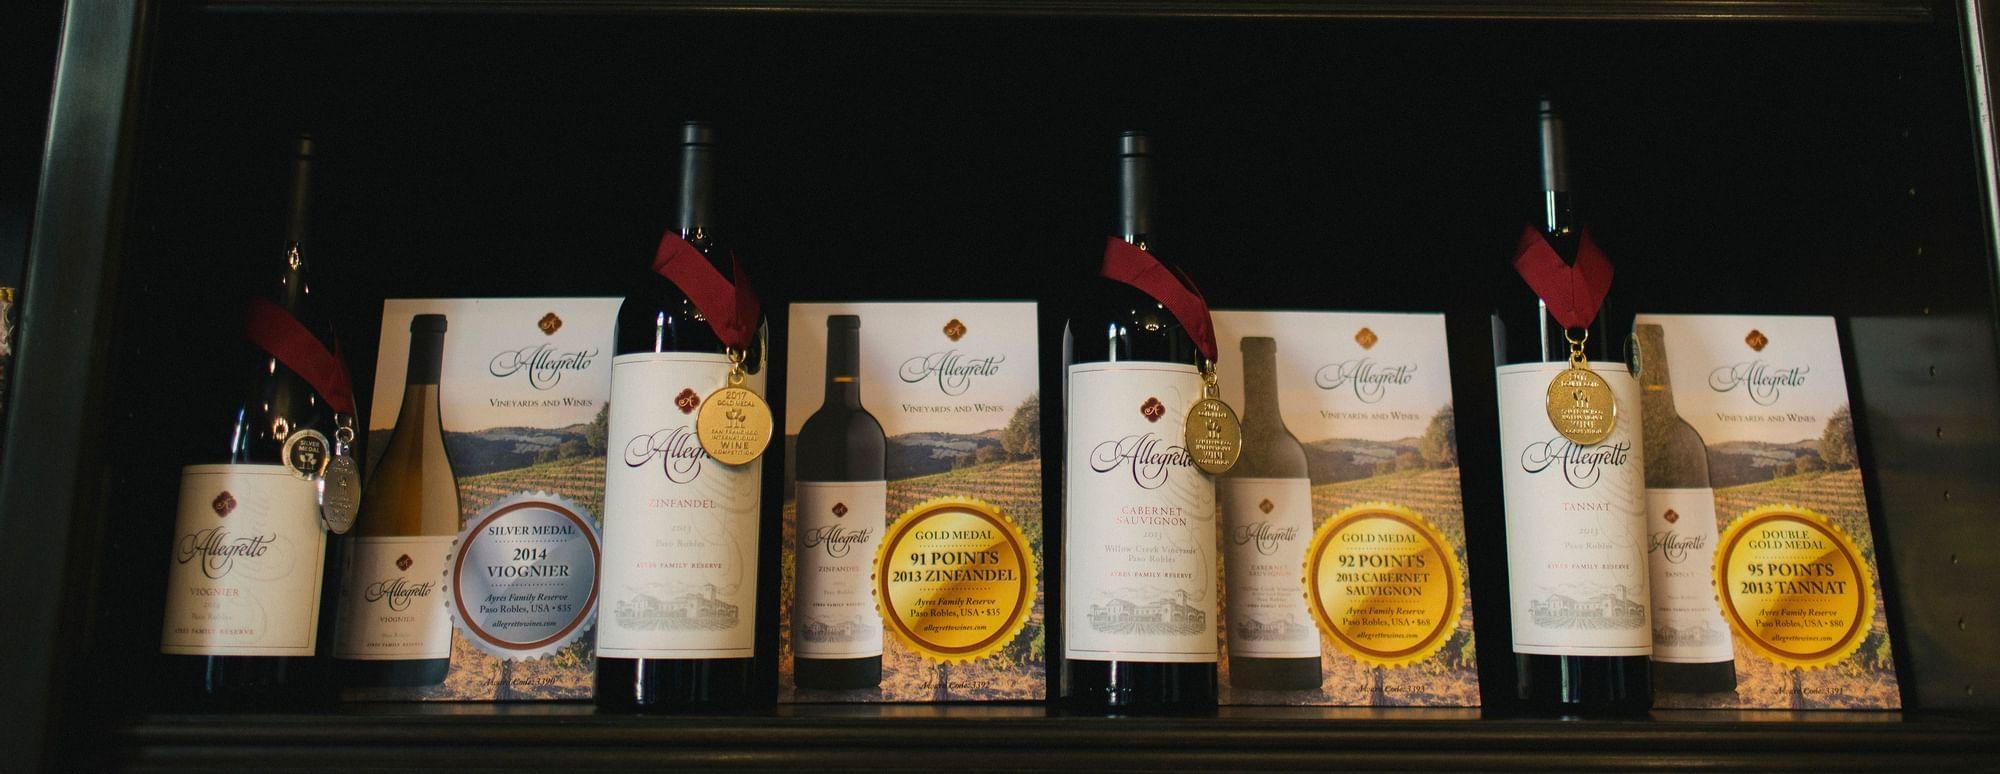 Allegretto wine bottles lined up on shelves